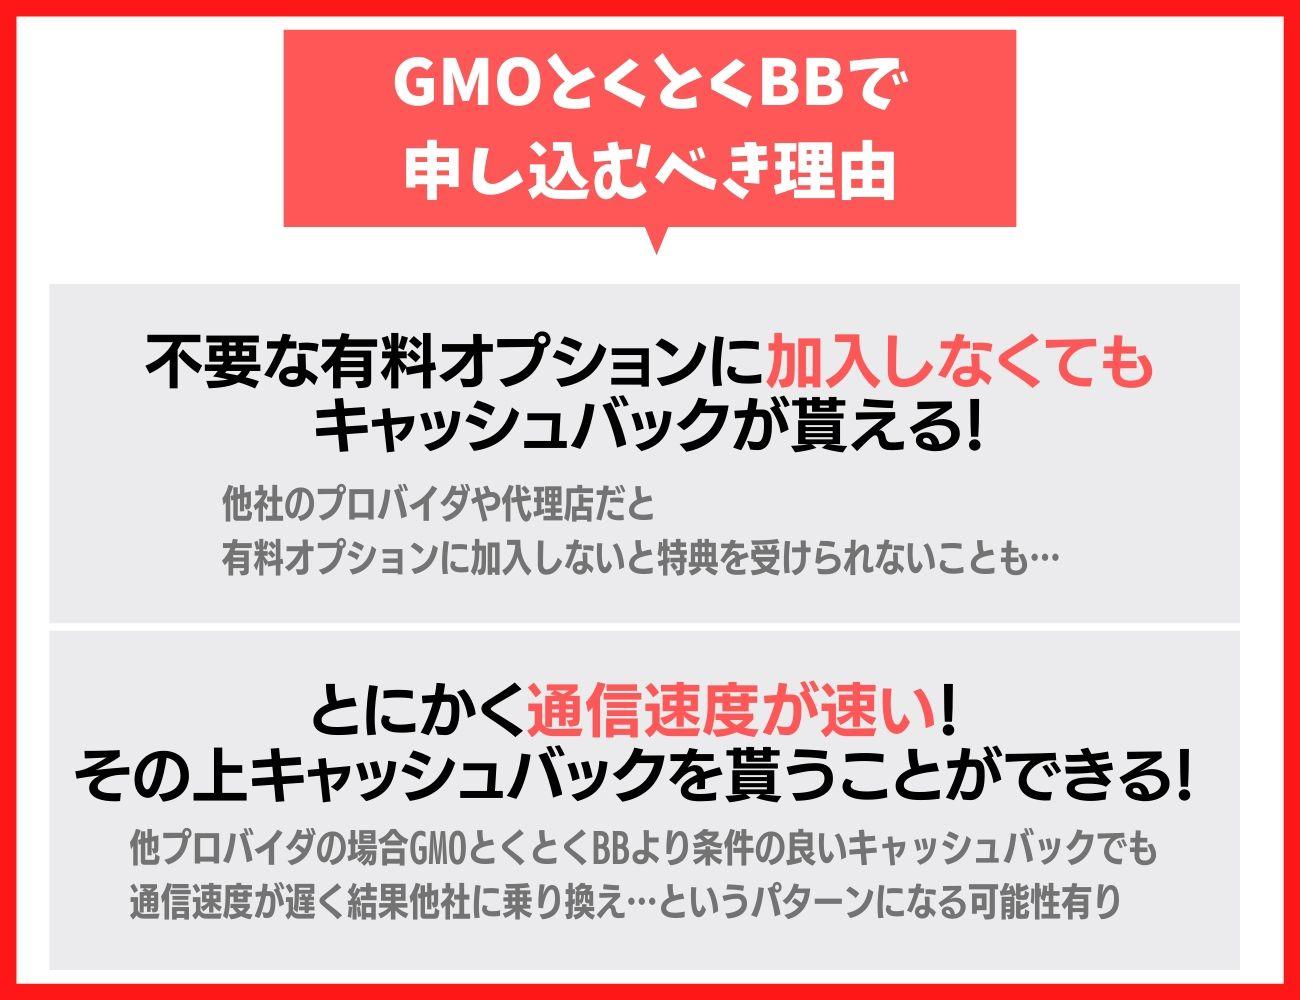 GMOとくとくBBでドコモ光を申し込むべき理由と現在のキャンペーン